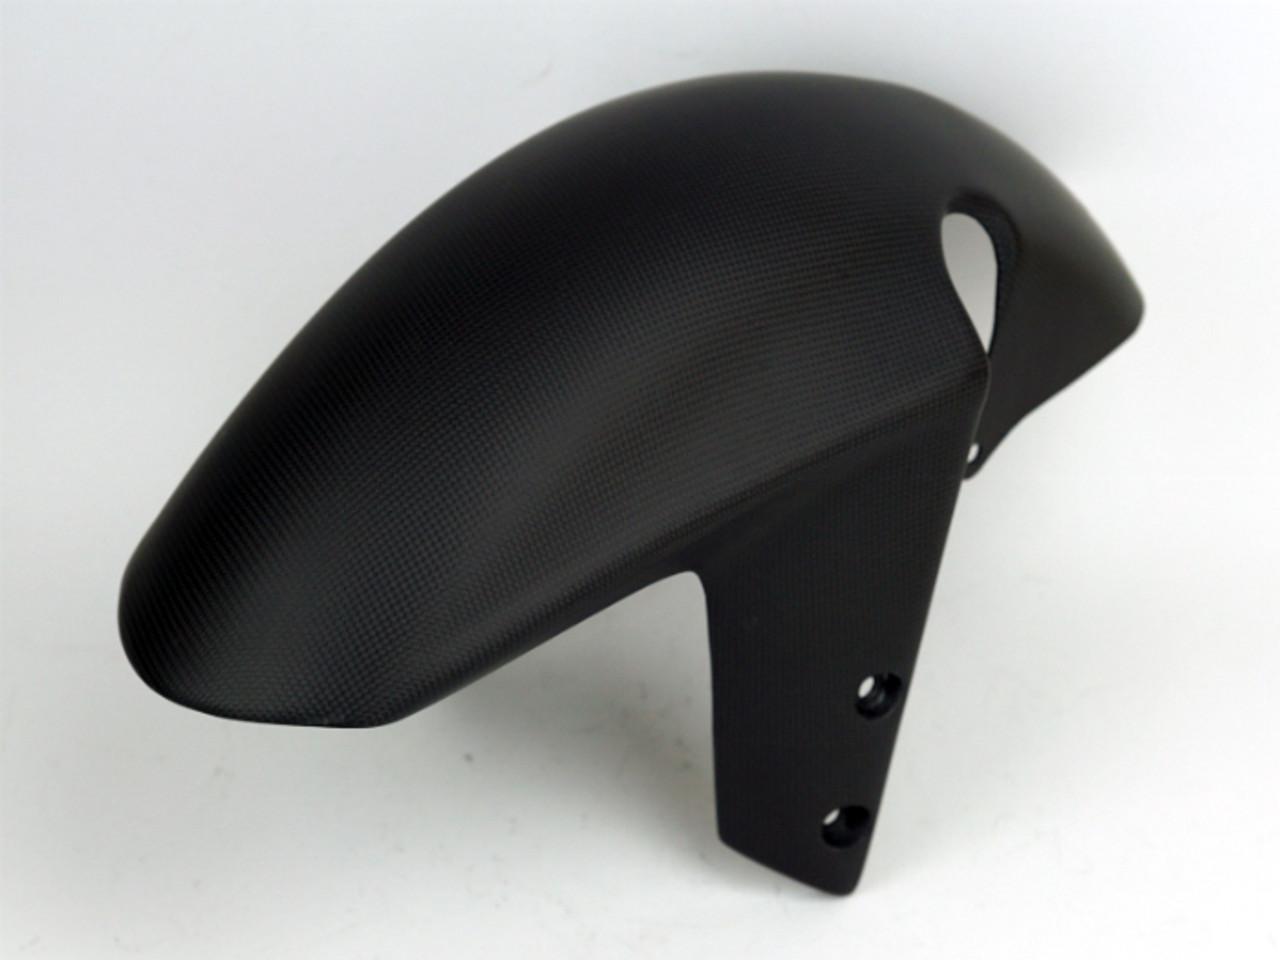 Front Fender in Carbon with Fiberglass for Suzuki GSXR600 01-03, GSXR750 00-03, GSXR1000 01-02